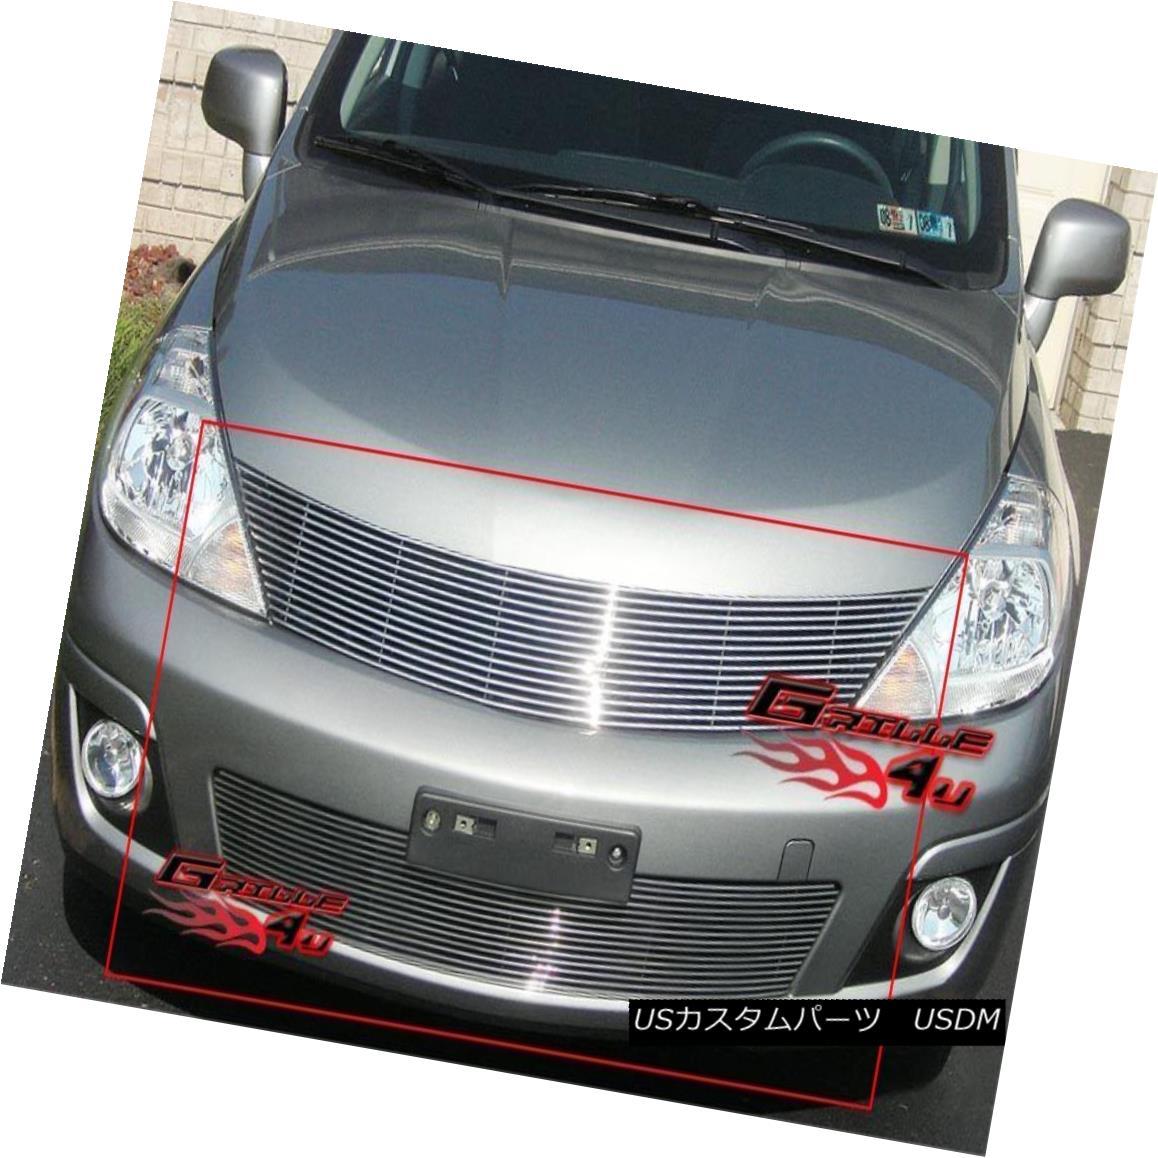 グリル For 07-11 2011 Nissan Versa Billet Grille Combo Insert 2011年7月11日日産のベルサ・ビレット・グリル・コンボ・インサート